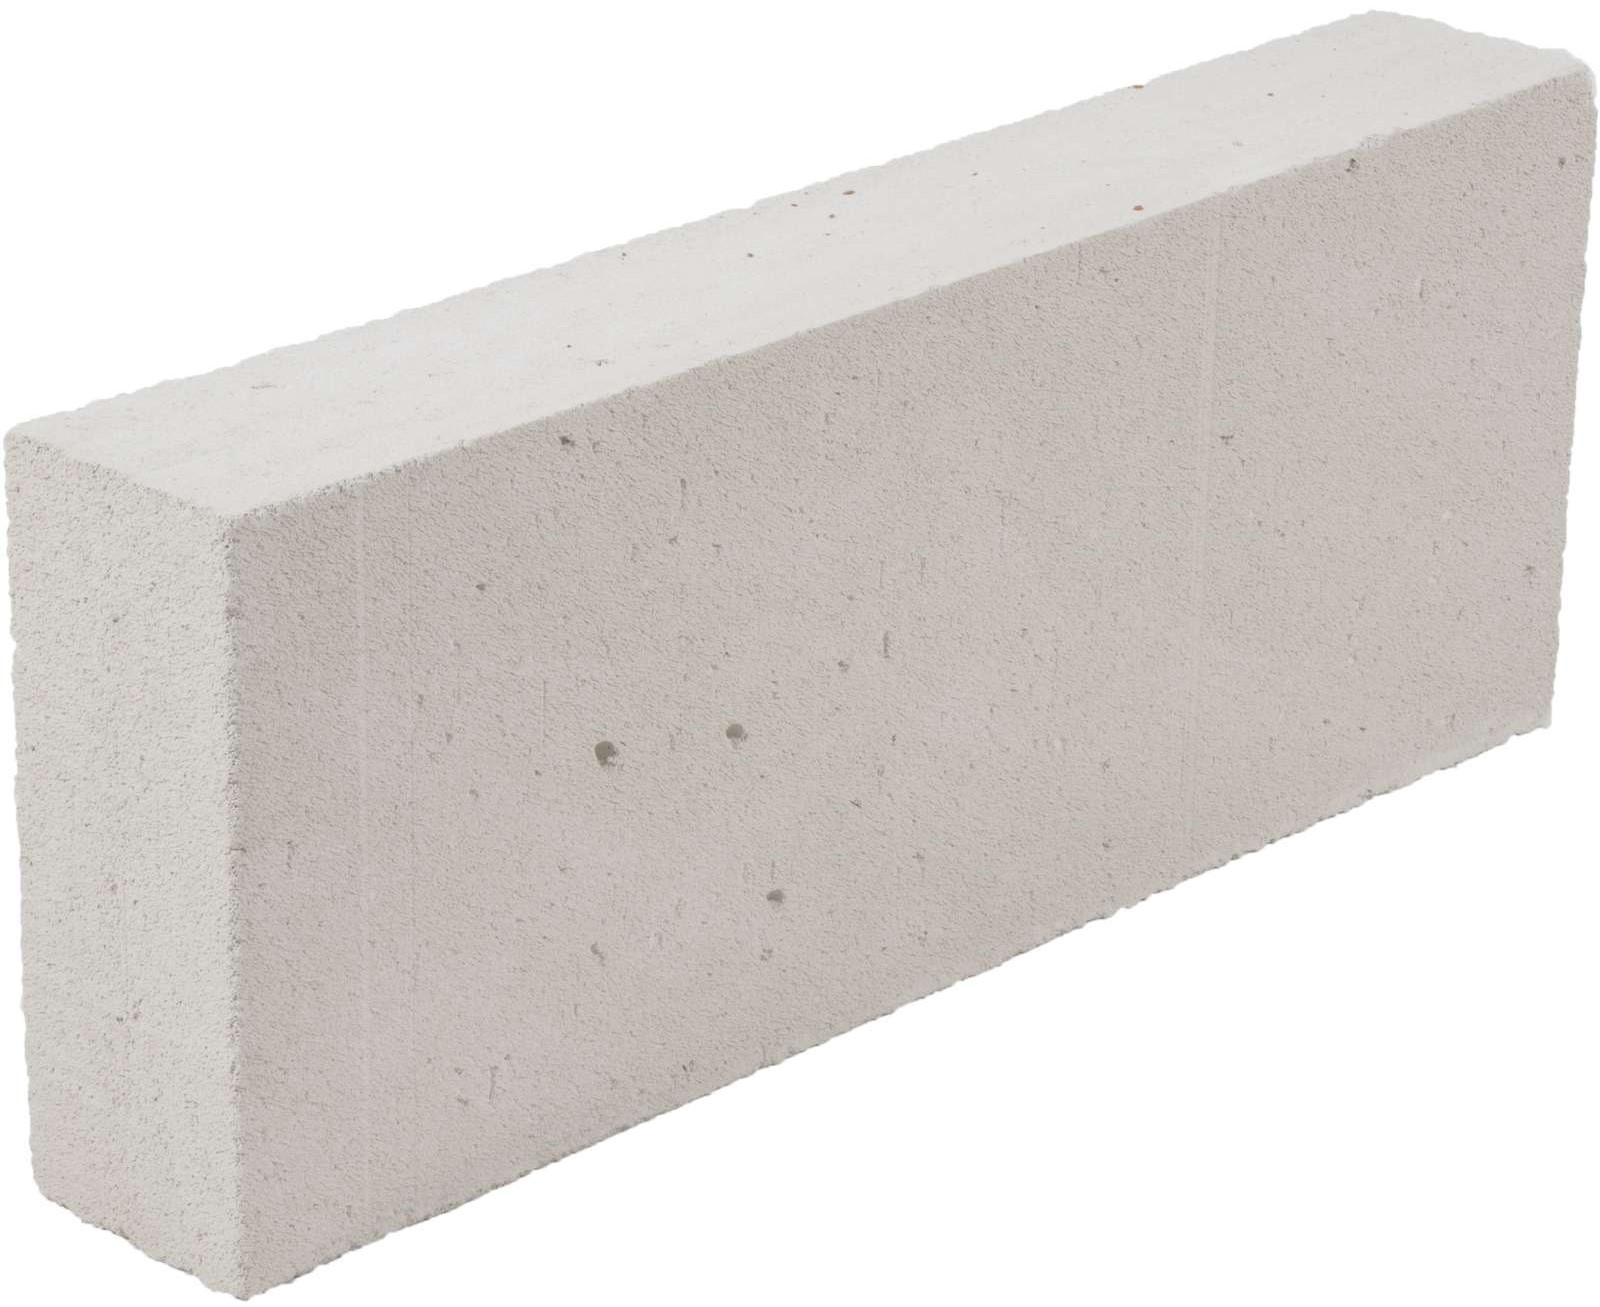 Купить Блок газобетонный Эко D500, размер 600х250х100 мм — Фото №1